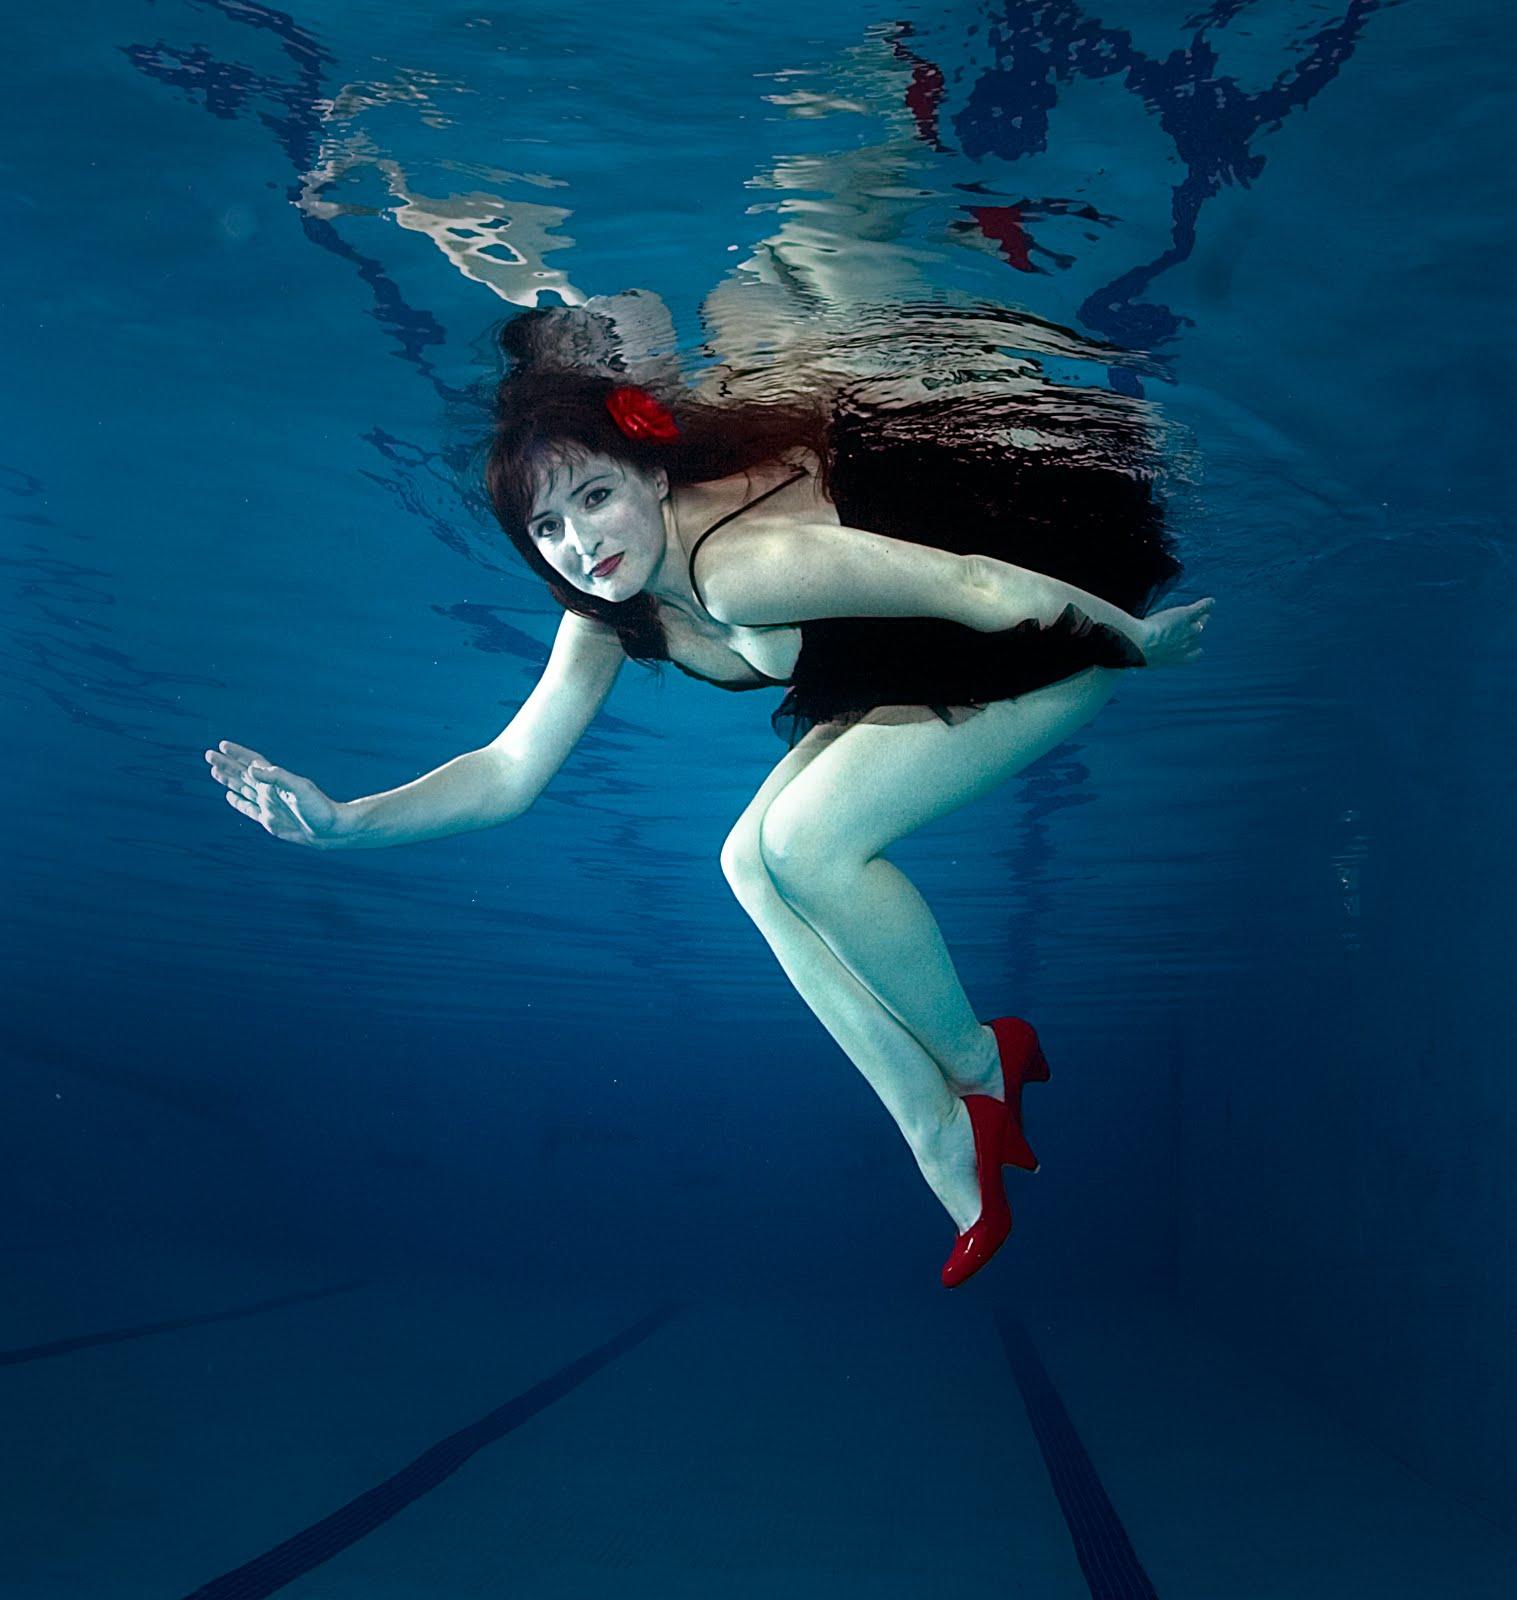 Fotografia Imagenes de hoteles bajo el agua